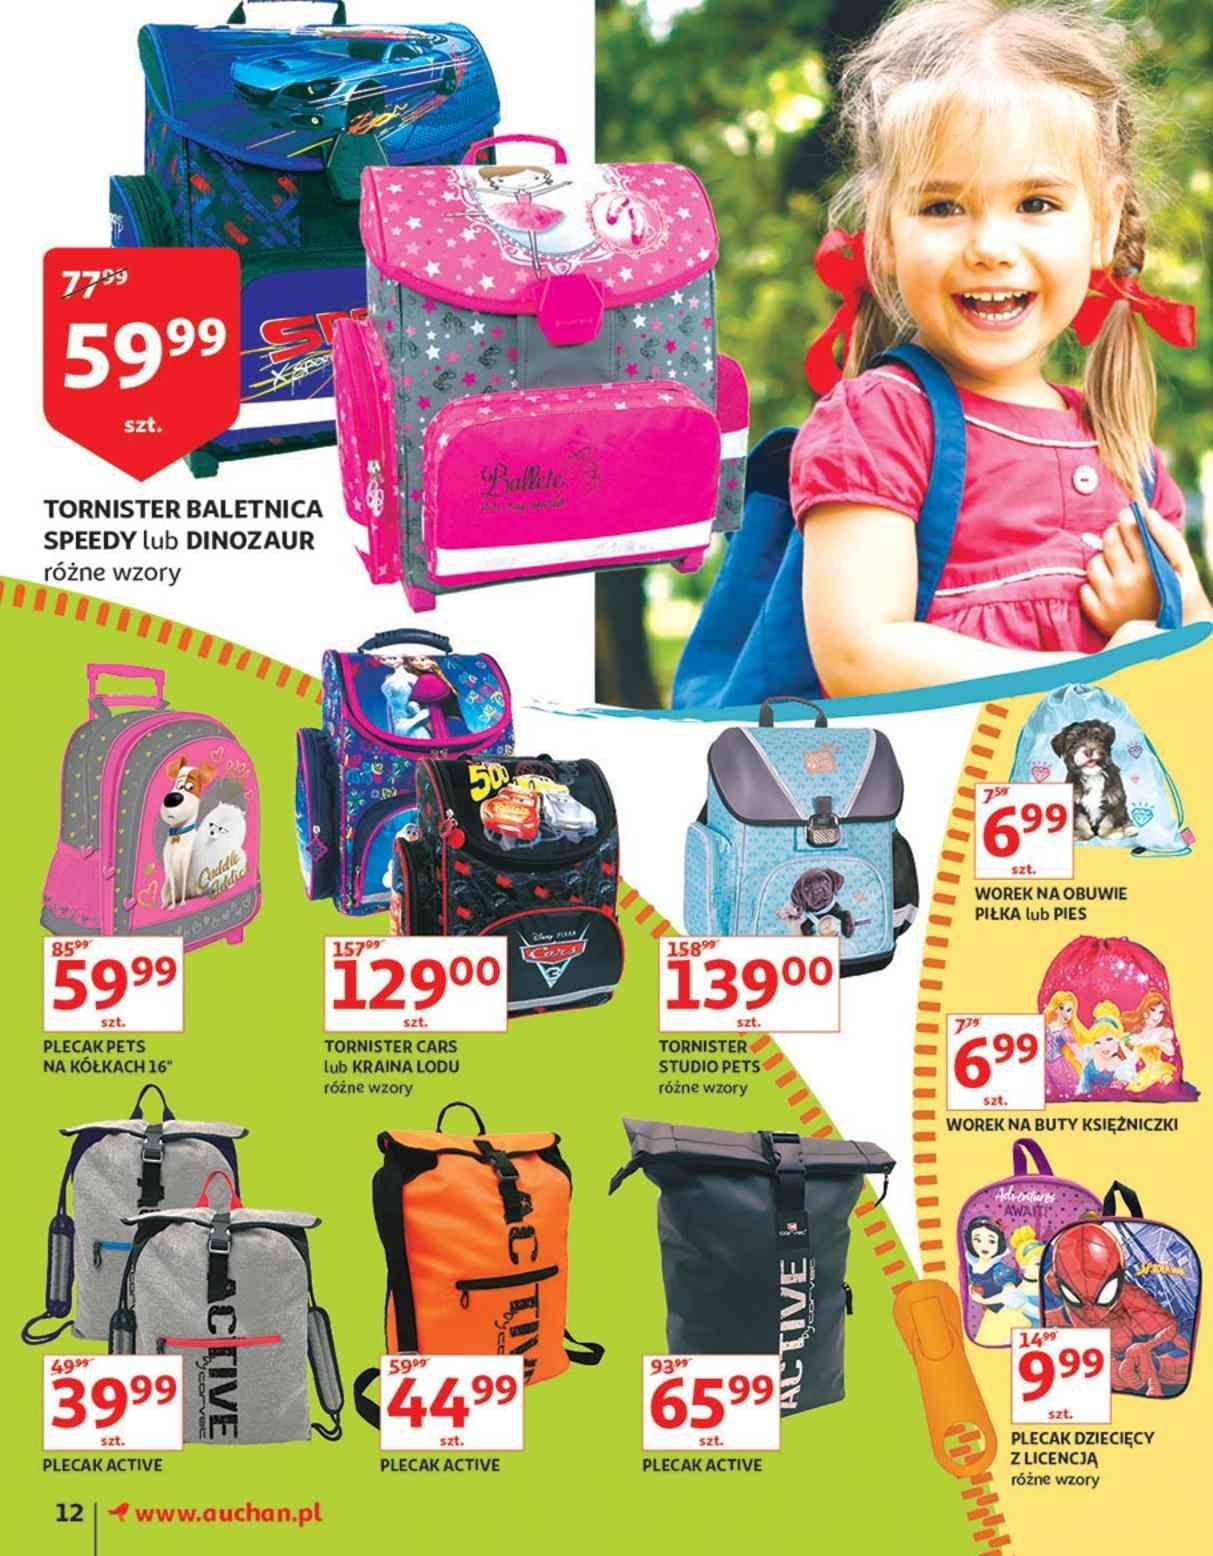 Gazetka promocyjna Auchan do 22/08/2018 str.12